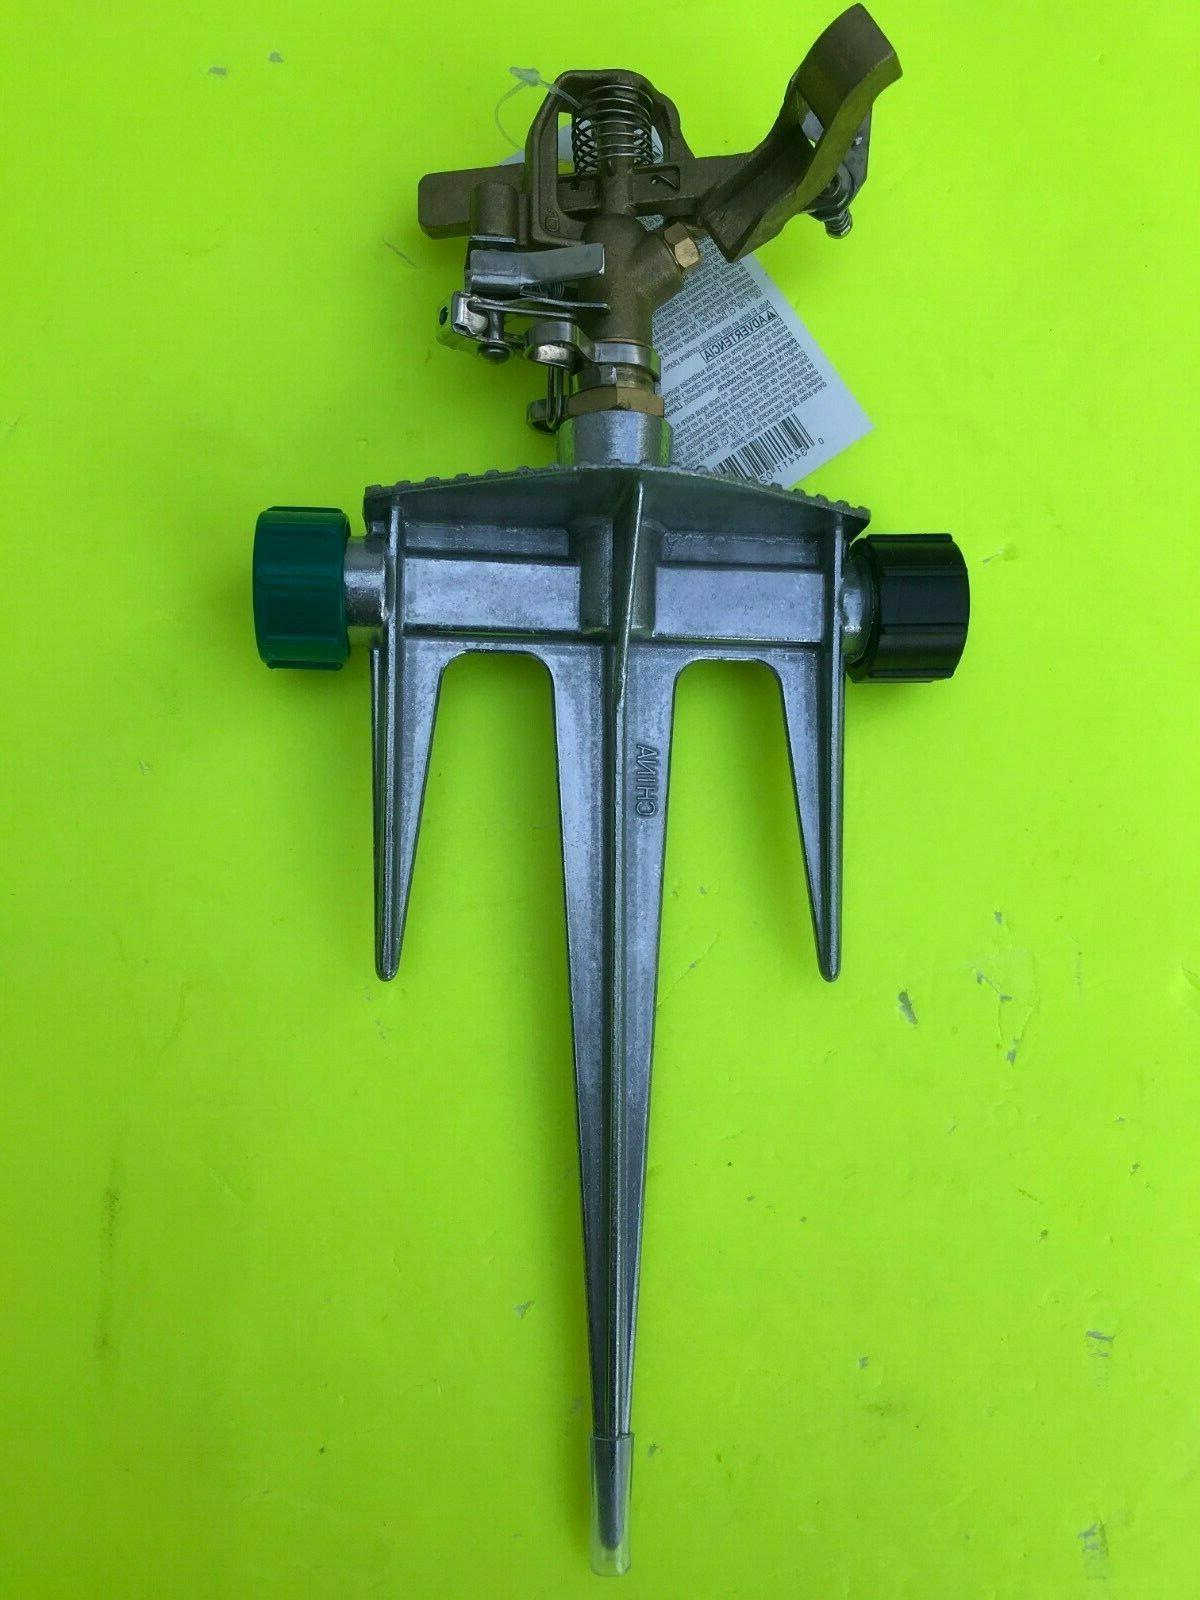 267mmsgf metal impulse sprinkler 86ft dm on